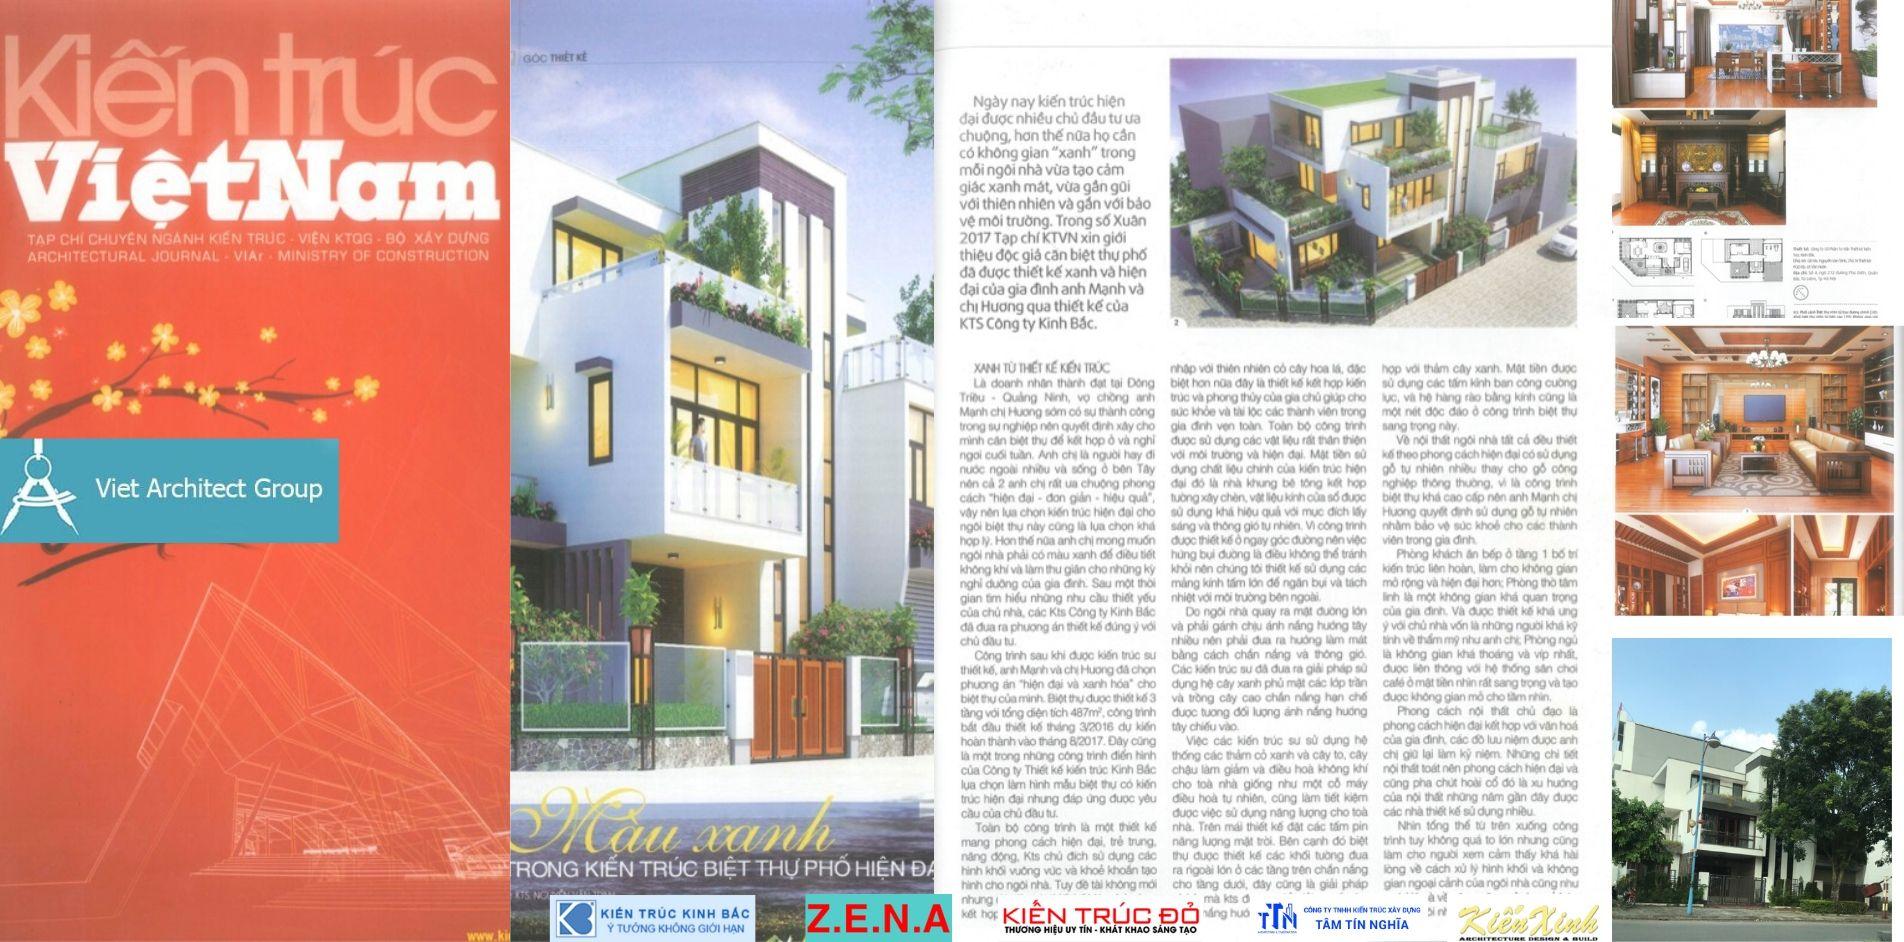 Thiết kế không tên 8 - Giới thiệu về hoạt động kiến trúc sư Nguyễn Văn Trình